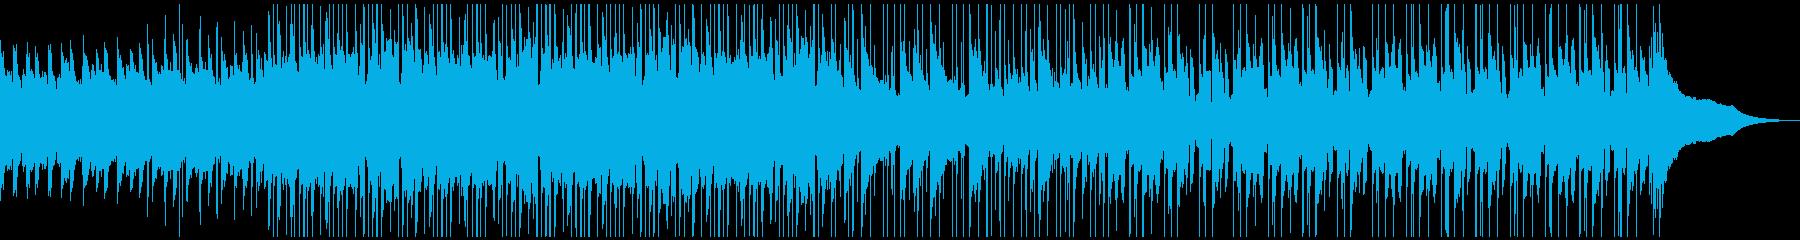 企業VP・ピアノ・シンプル・爽快の再生済みの波形